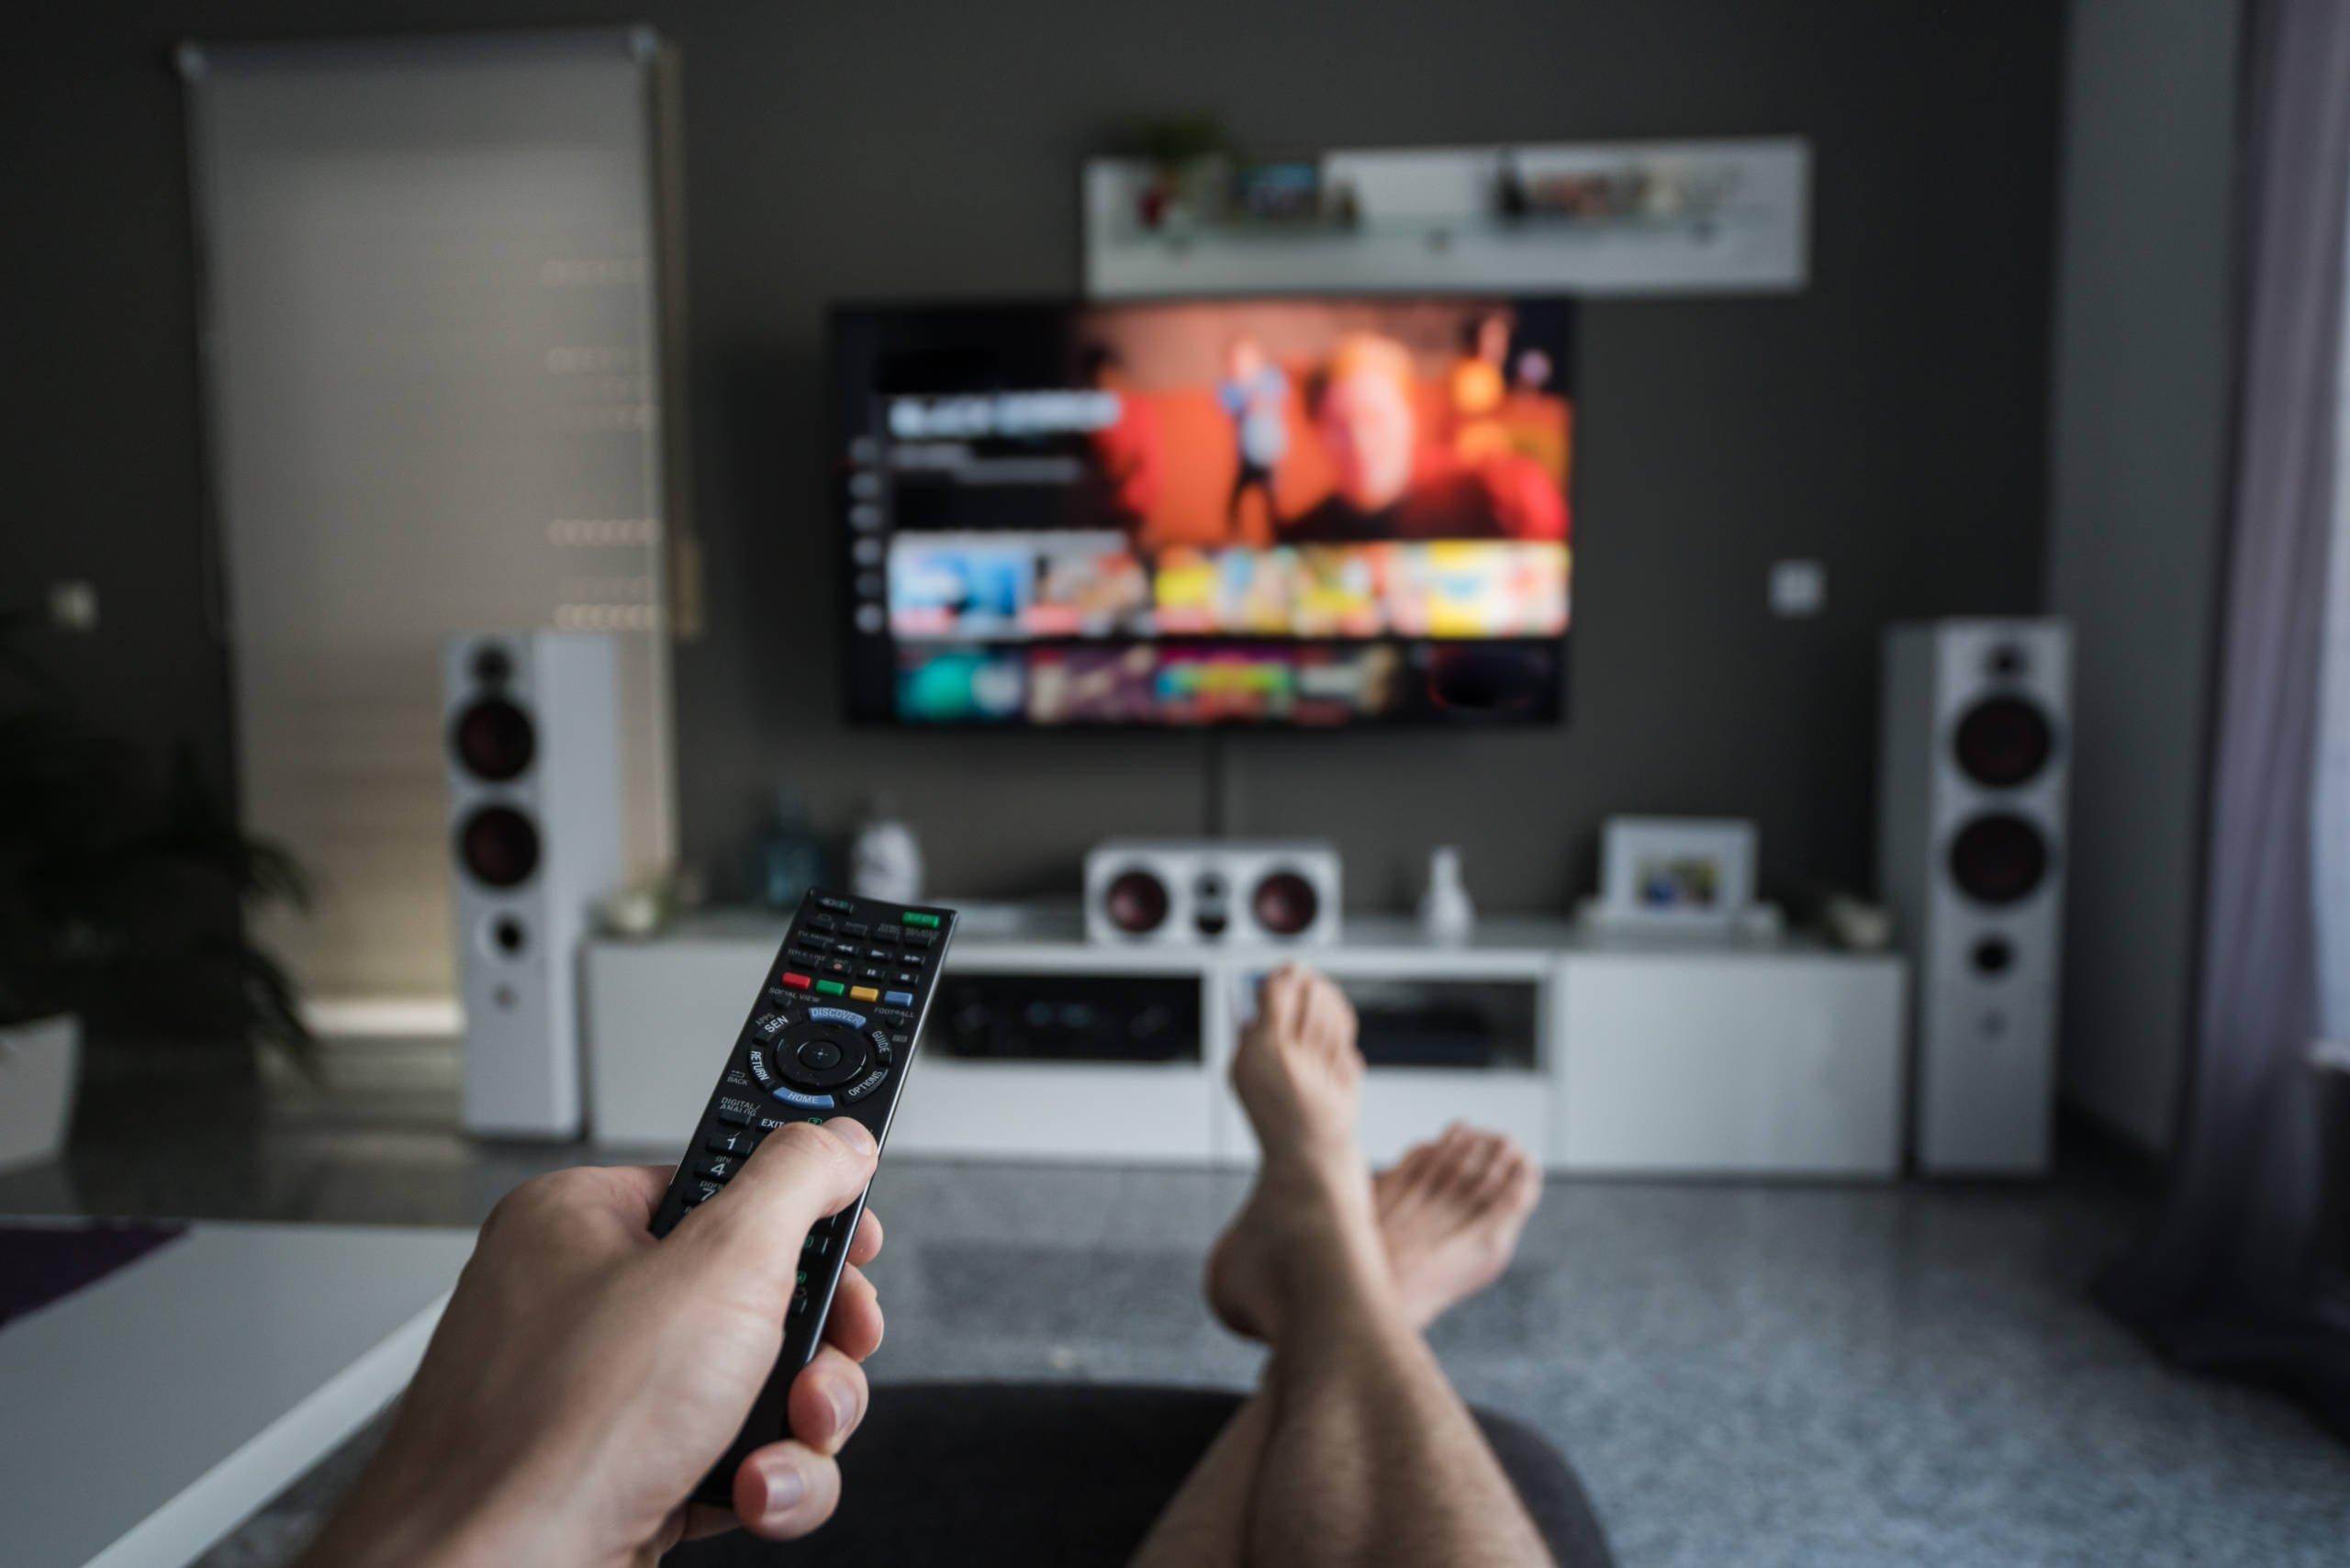 Para lidar com a pandemia, maioria dos cristãos preferem a TV do que a Bíblia